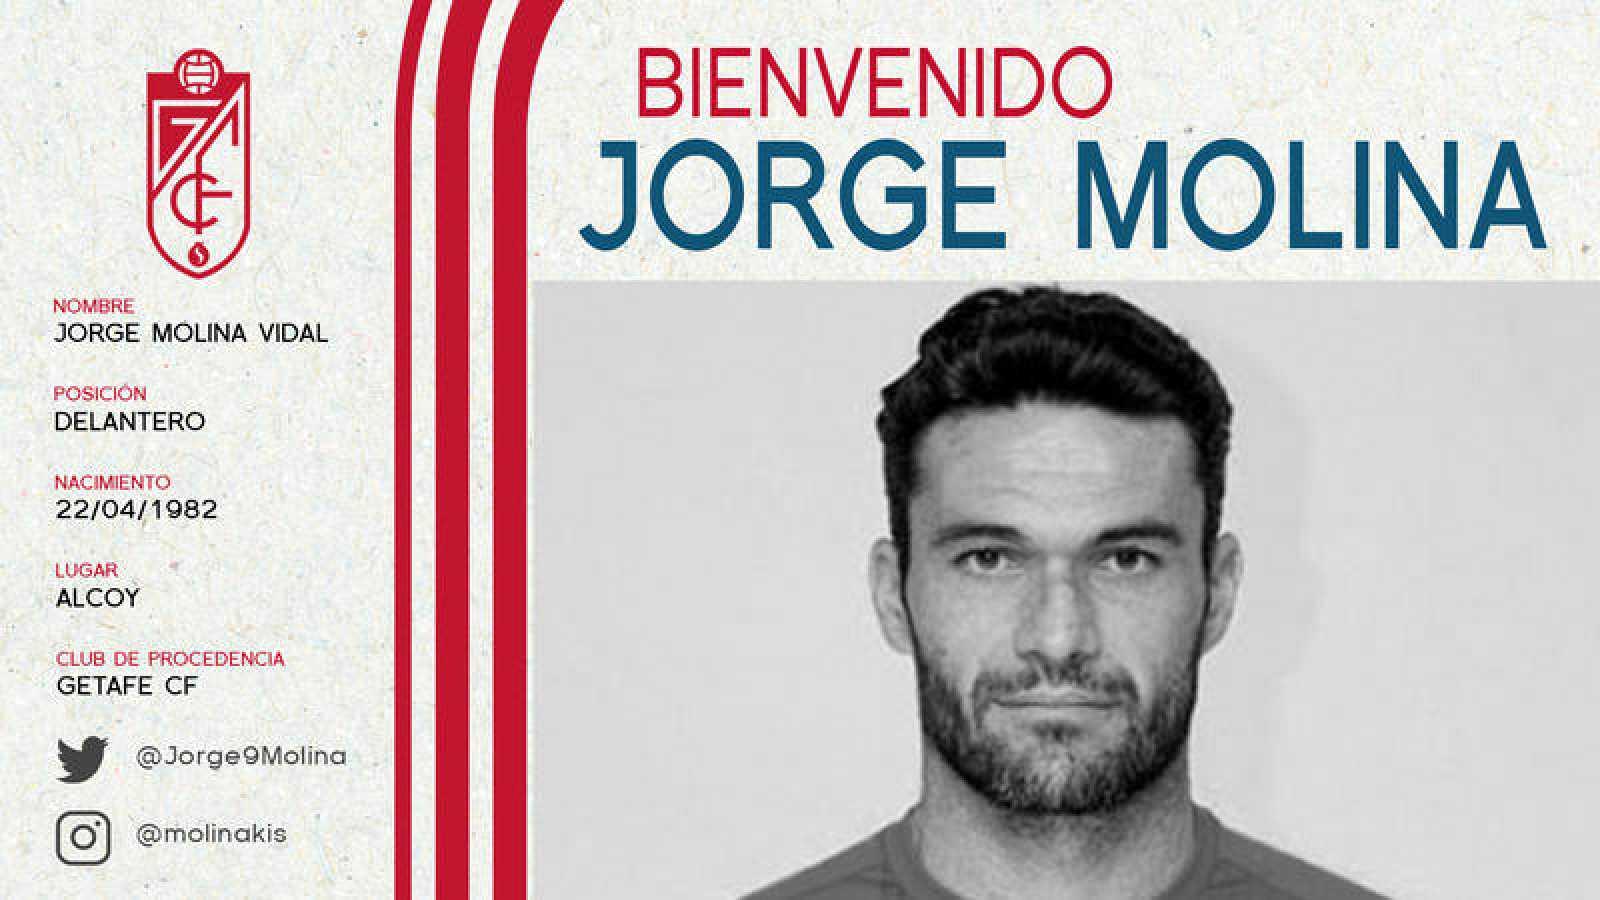 Cartel anunciador del fichaje de Jorge Molina por el Granada en redes sociales.